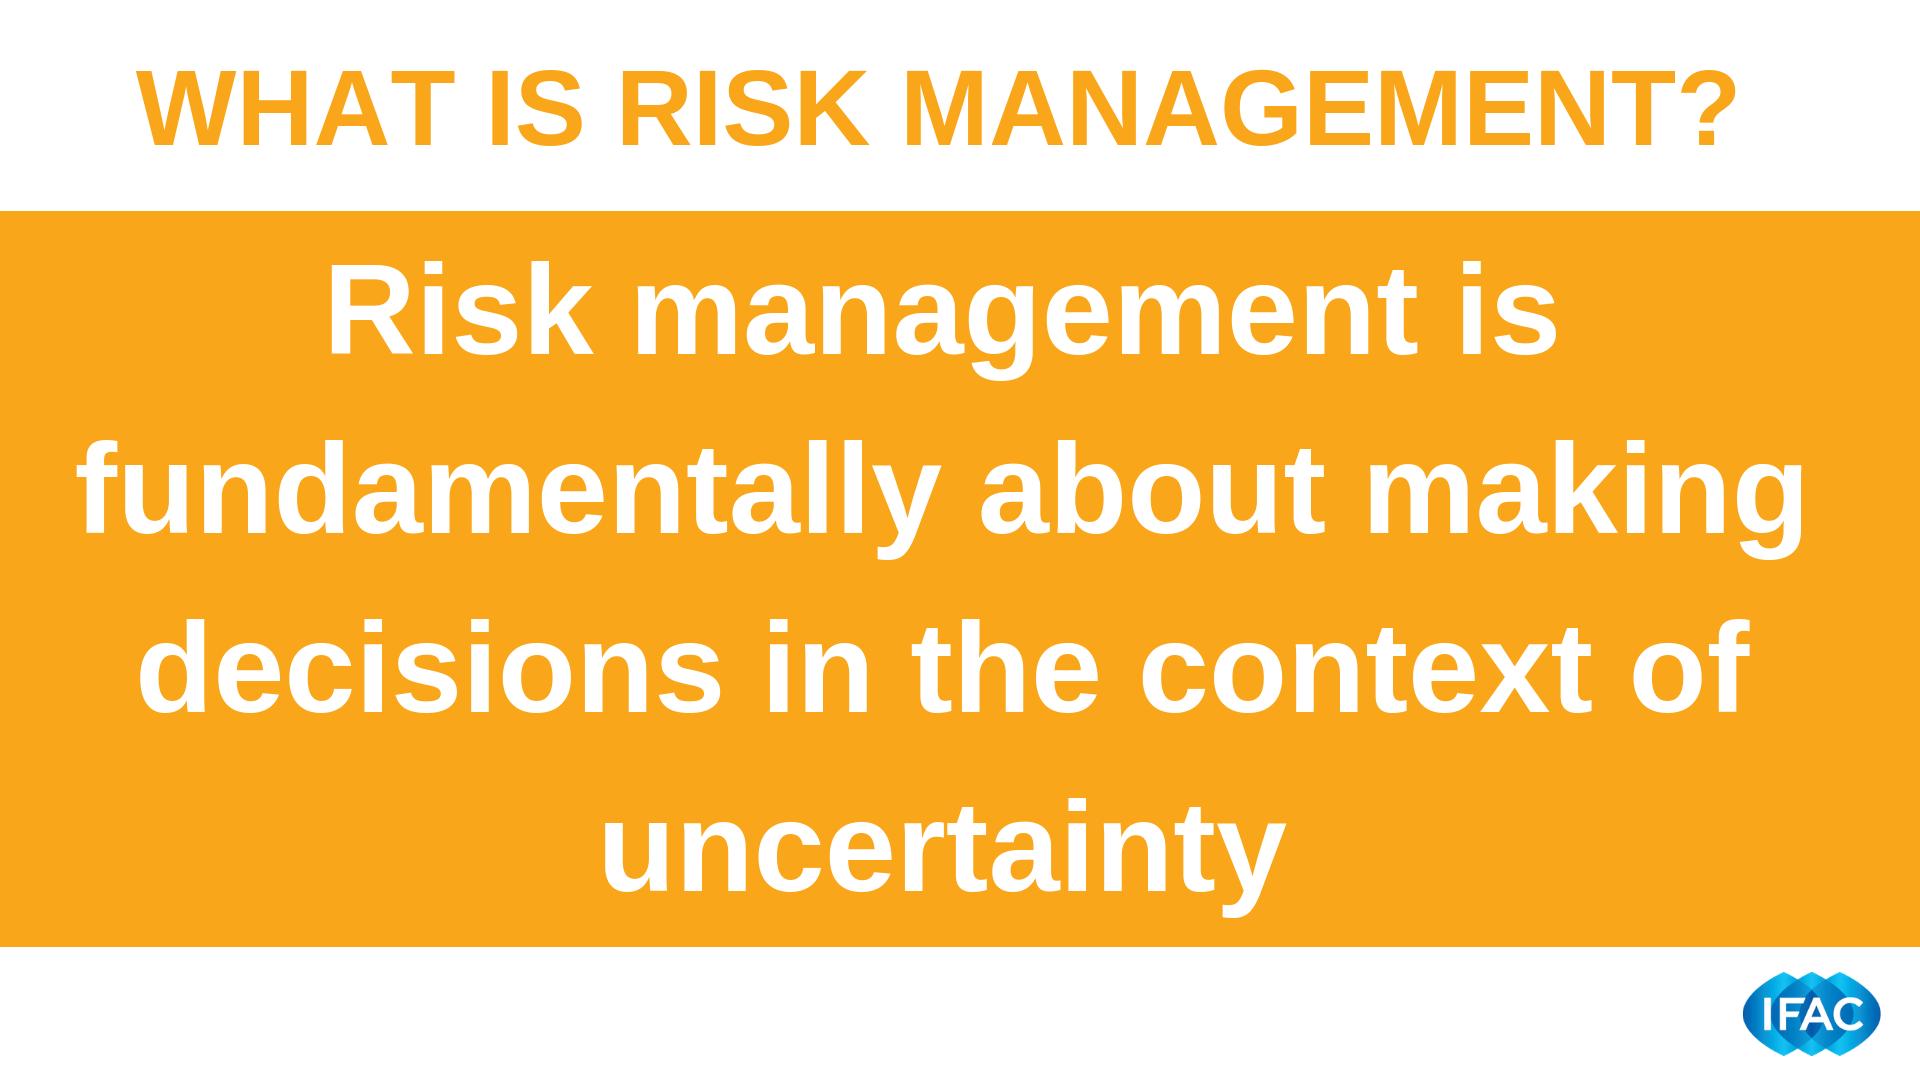 IFAC: Profesioniștii contabili trebuie să profite de oportunitatea de a facilita o gestionare eficientă a riscurilor în întreprinderi